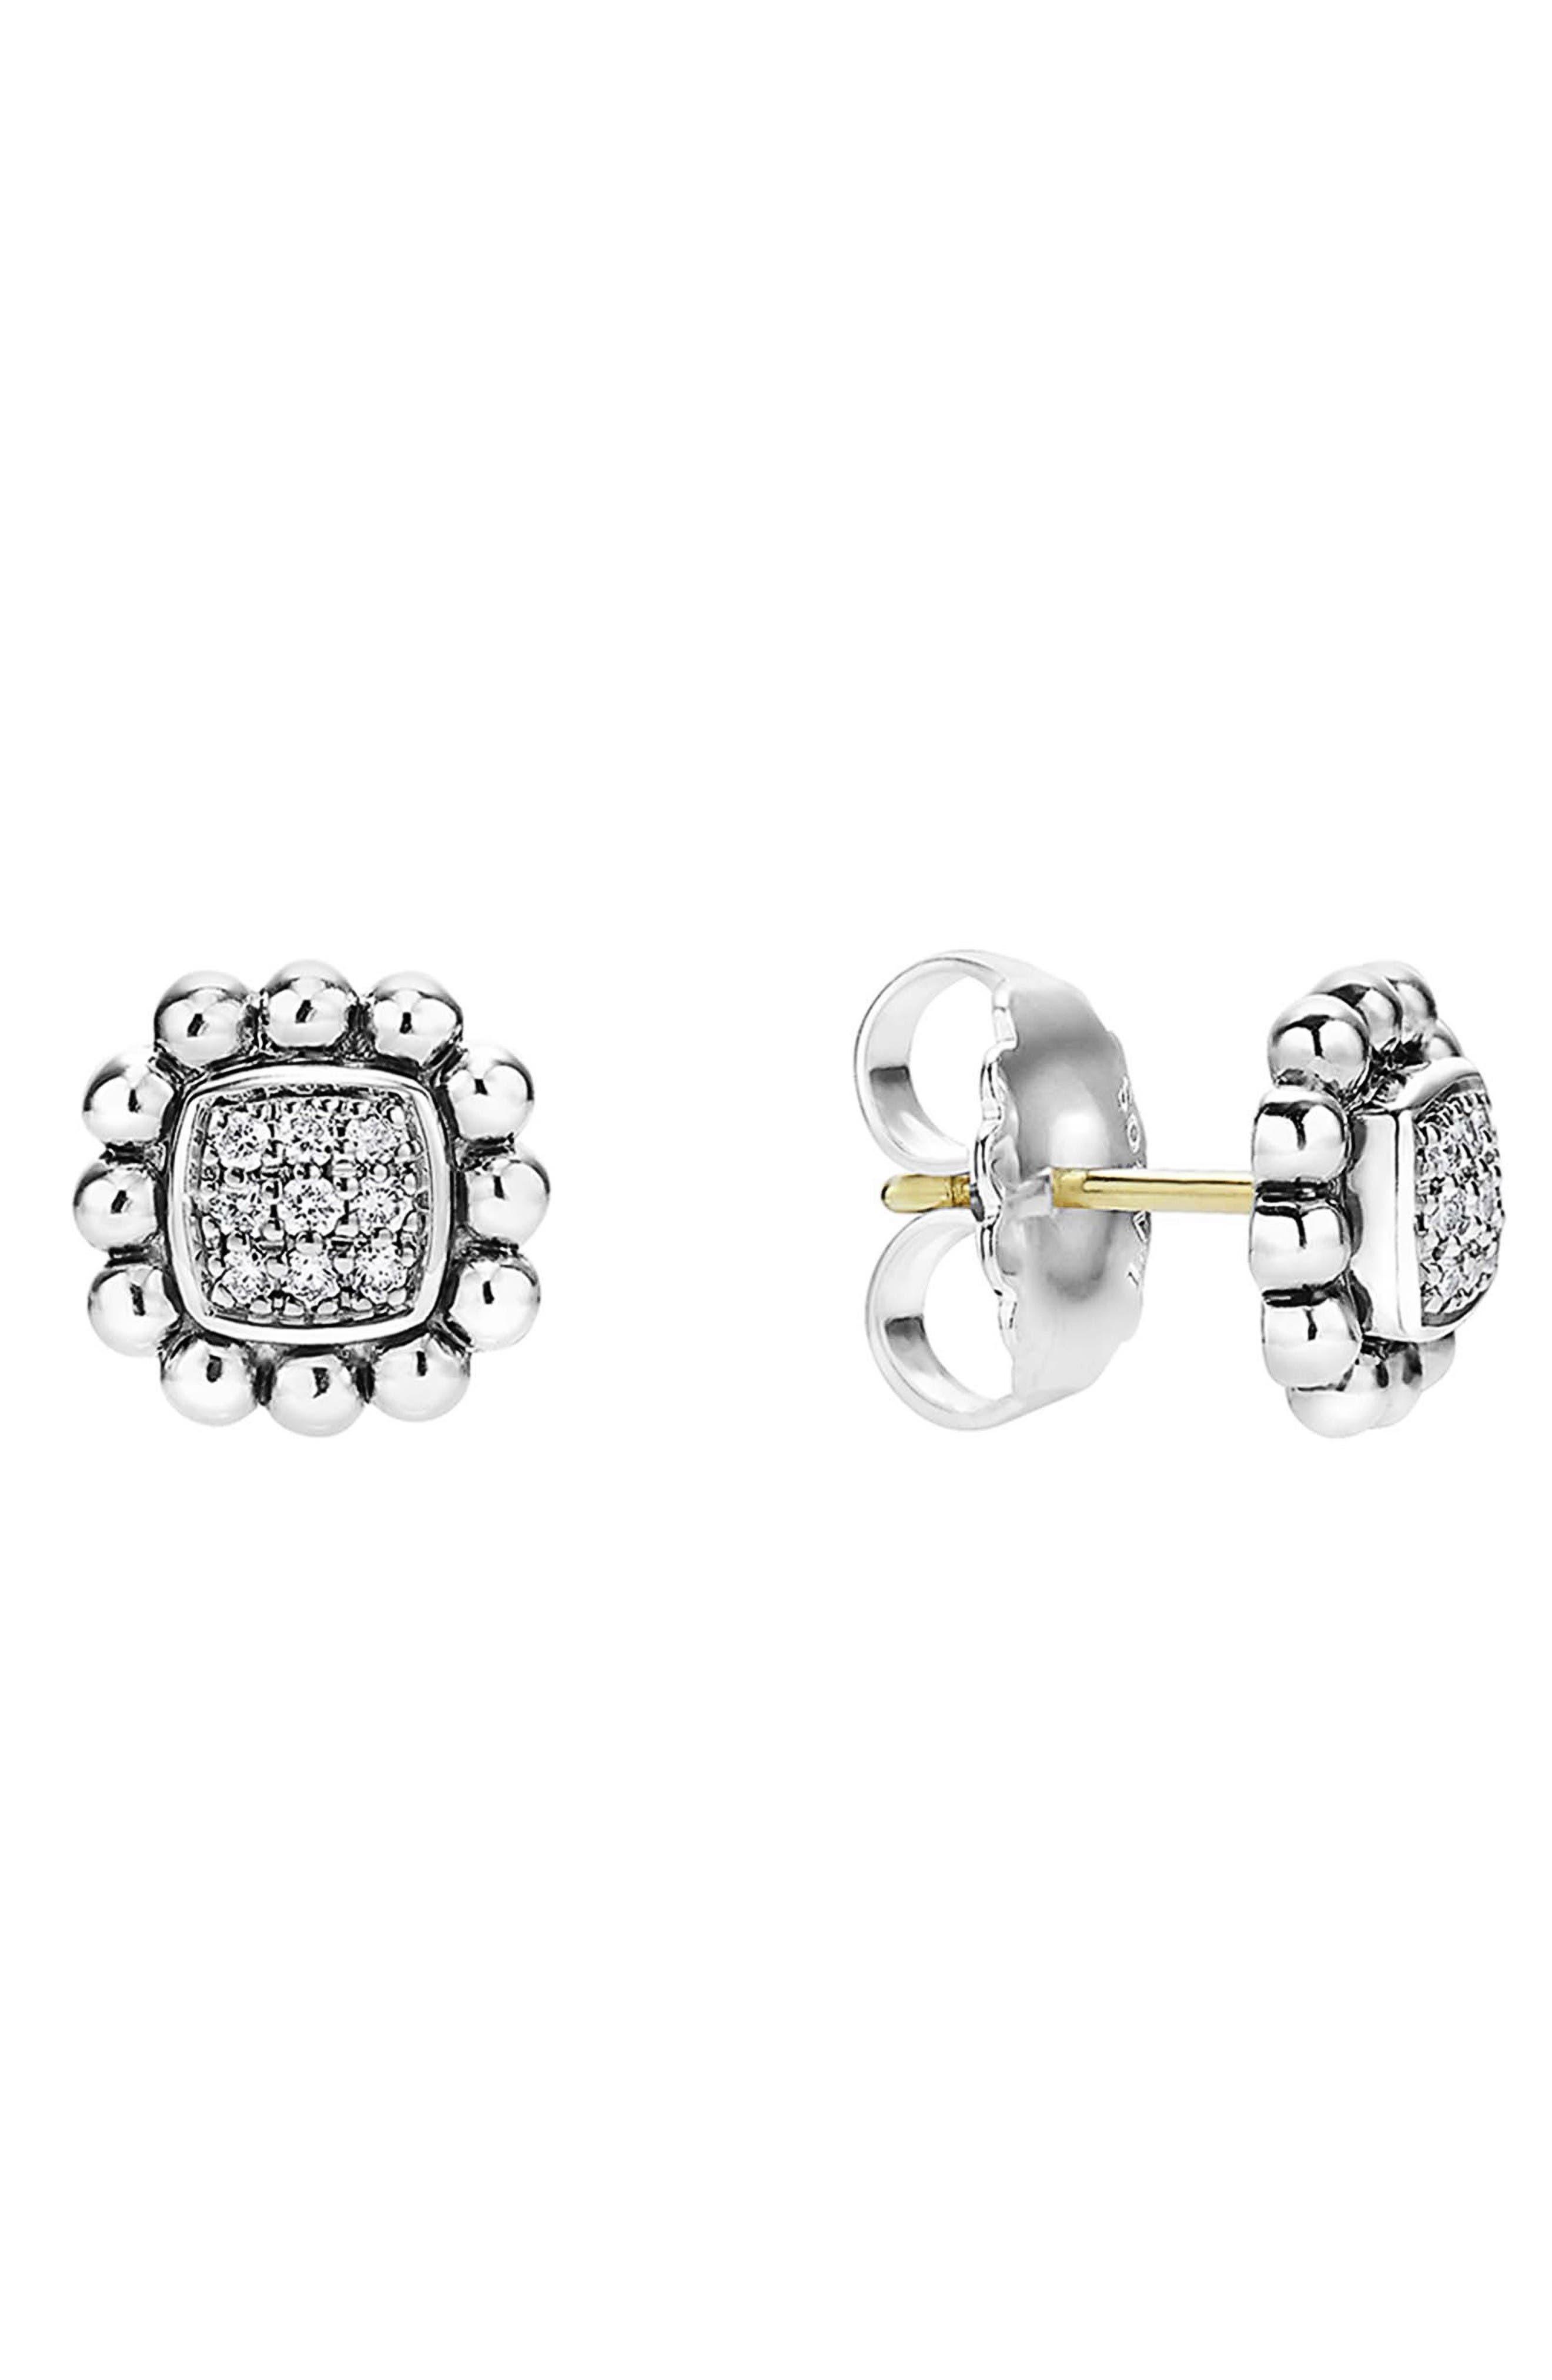 Main Image - LAGOS Caviar Spark Diamond Square Stud Earrings